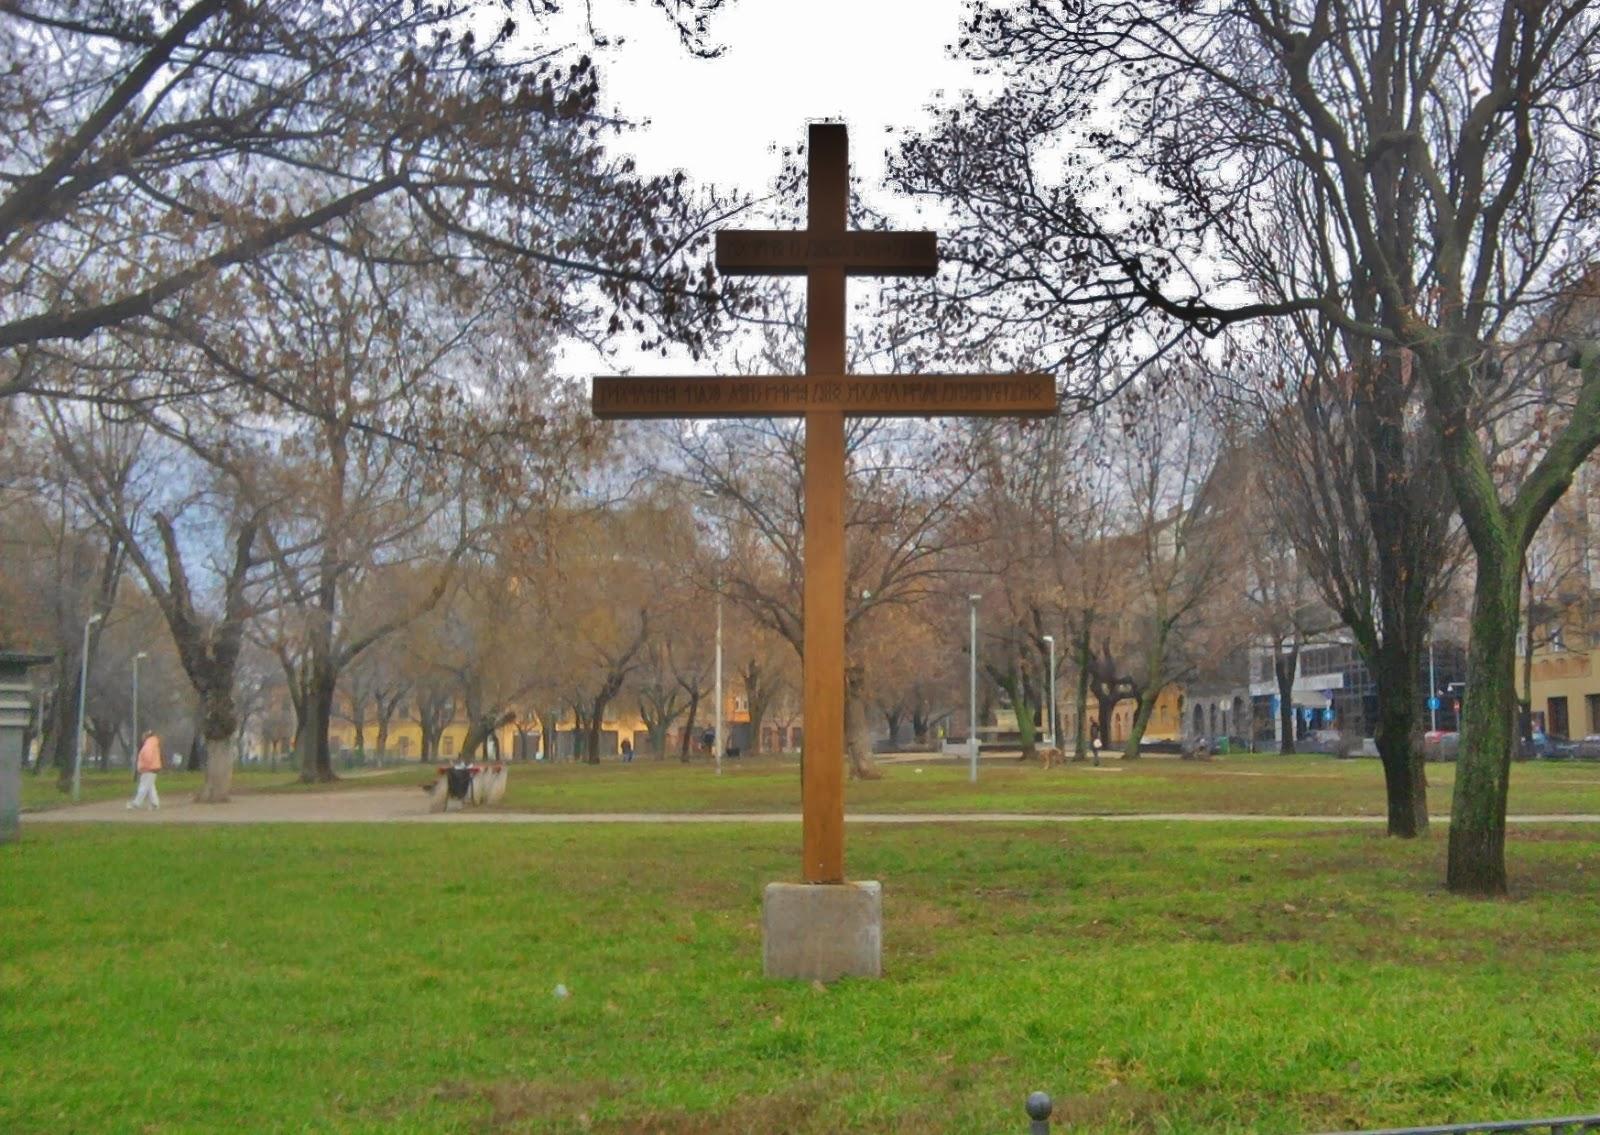 Kálvária tér, rovásírás, VIII. kerület, Jobbik, kettős kereszt, Baross utca, székely, Józsefváros